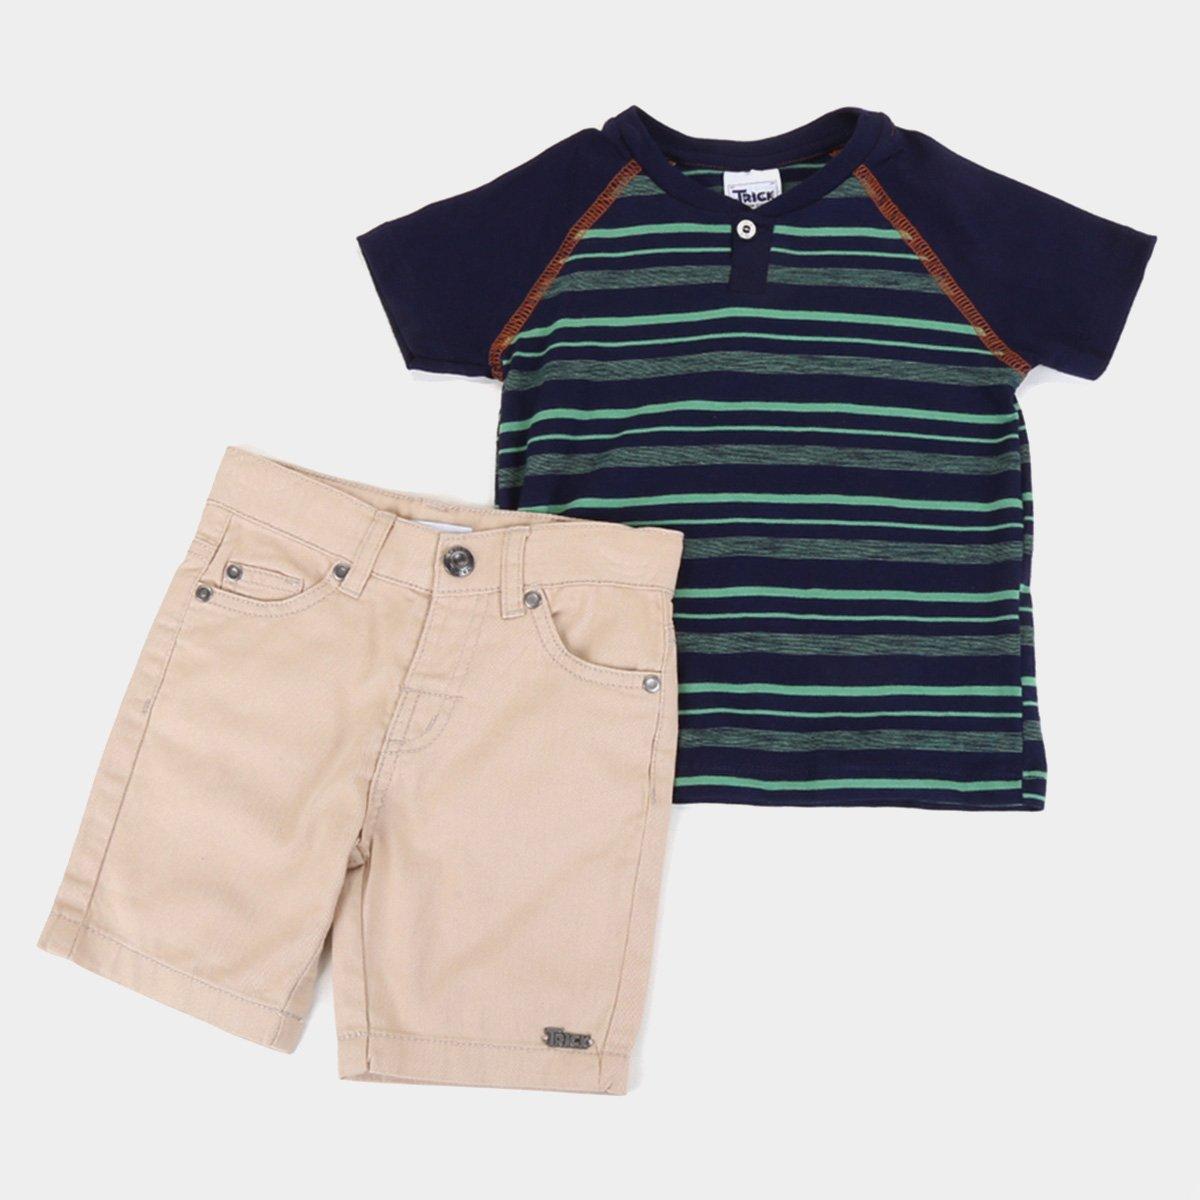 Conjunto Bebê Trick Nick Camiseta Flamê + Bermuda Sarja Masculino